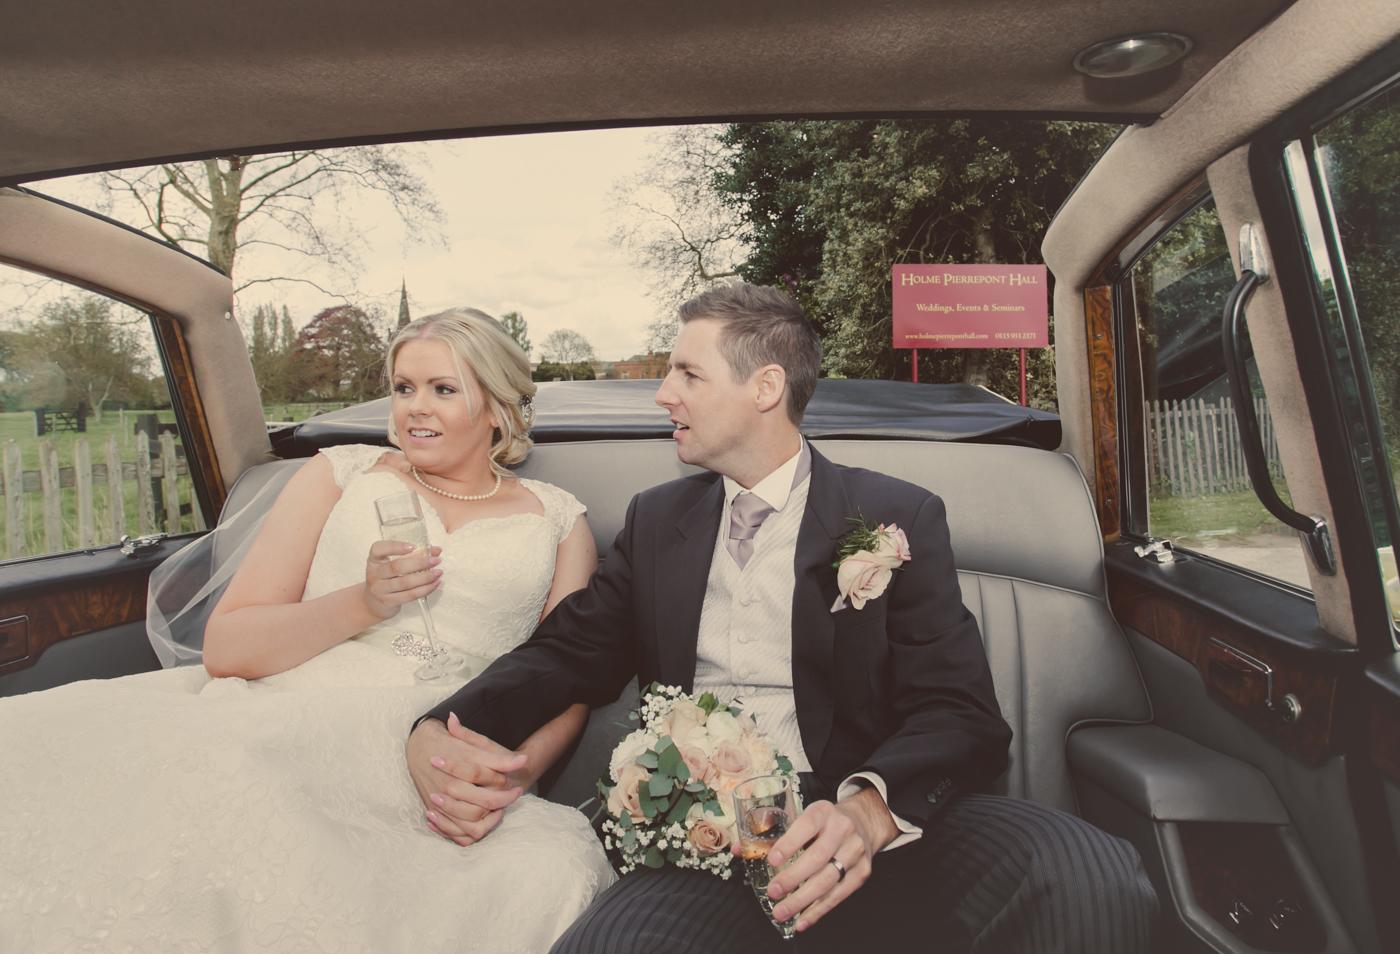 089 - Chloe and Ryan - Wedding Photography at Holme Pierrepont Hall by Mark Pugh www.markpugh.com.jpg